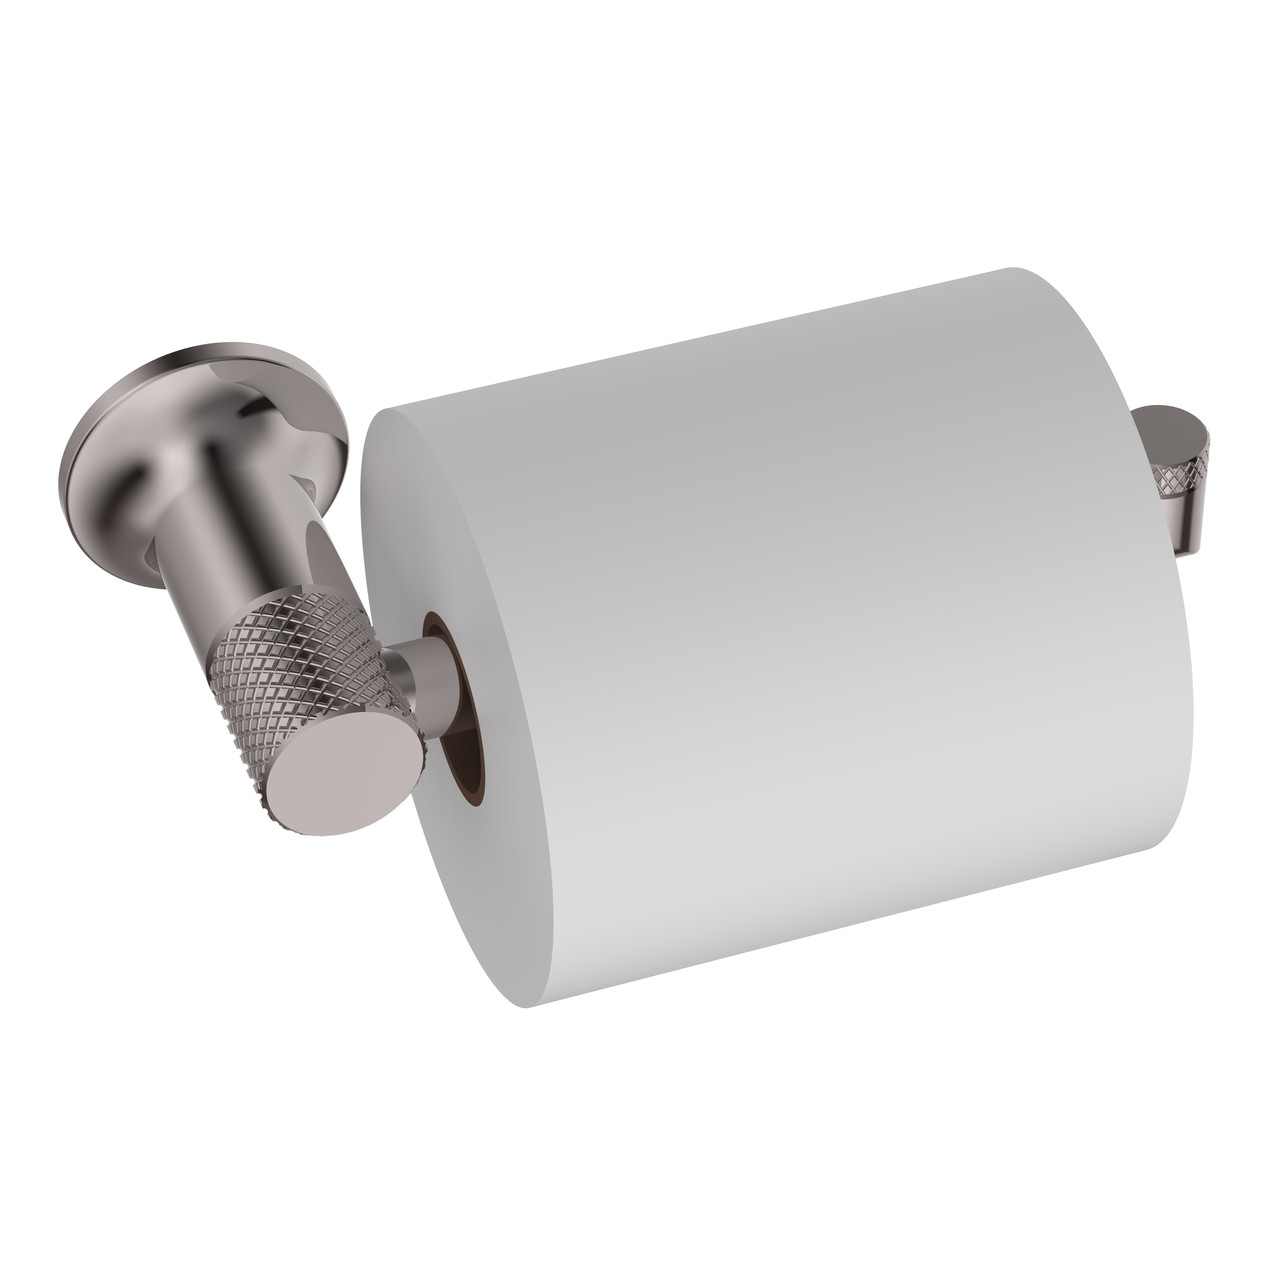 Imprese Brenta держатель для туалетной бумаги, граф.хром ZMK091908220